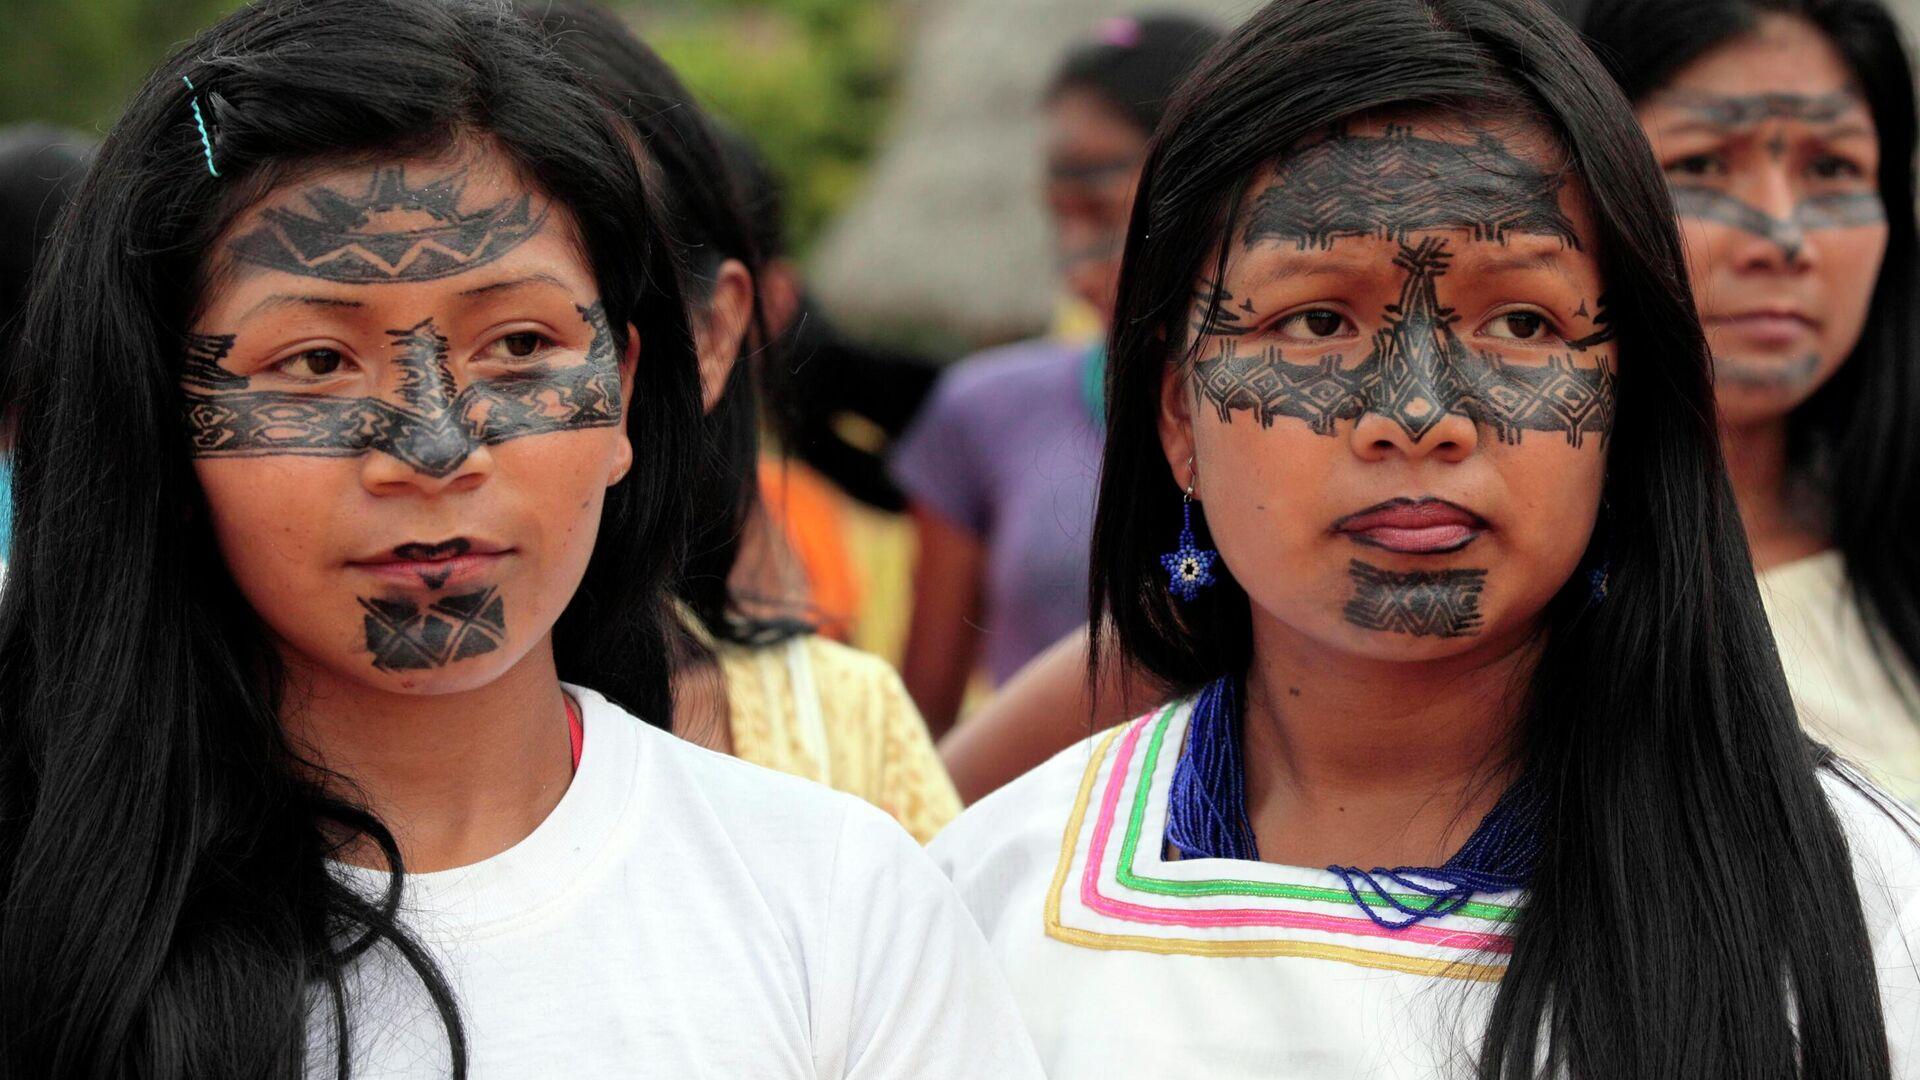 Indígenas de Sarayaku - Sputnik Mundo, 1920, 20.09.2021